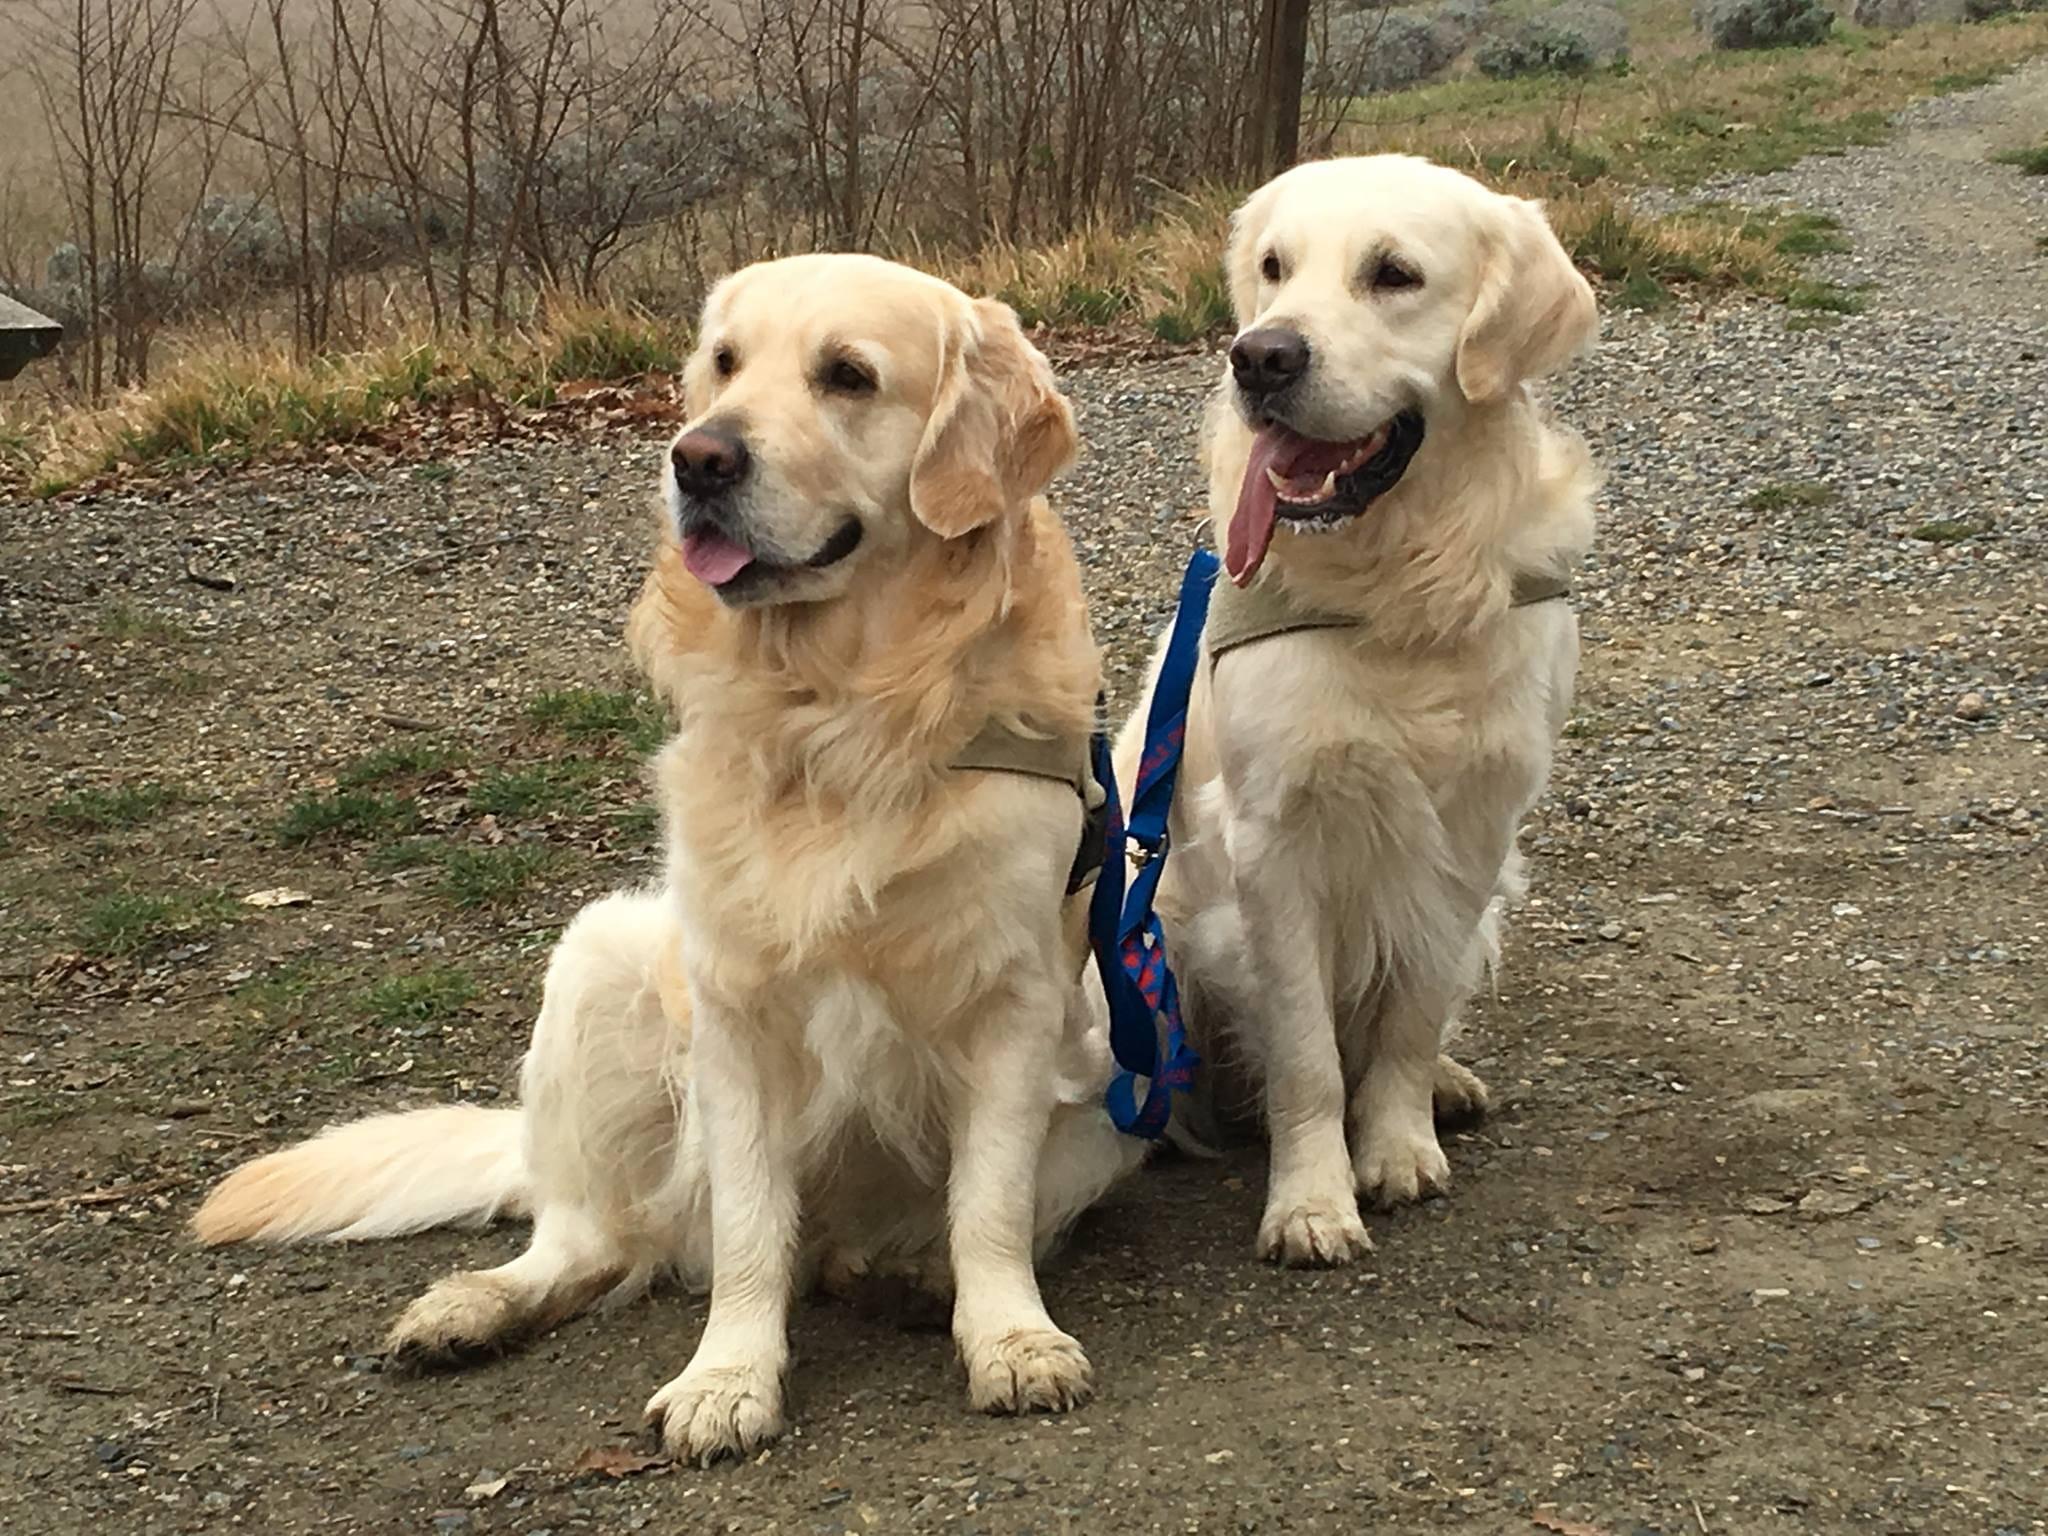 Quando passeggiamo vicino casa ci piace lasciare i cani liberi.